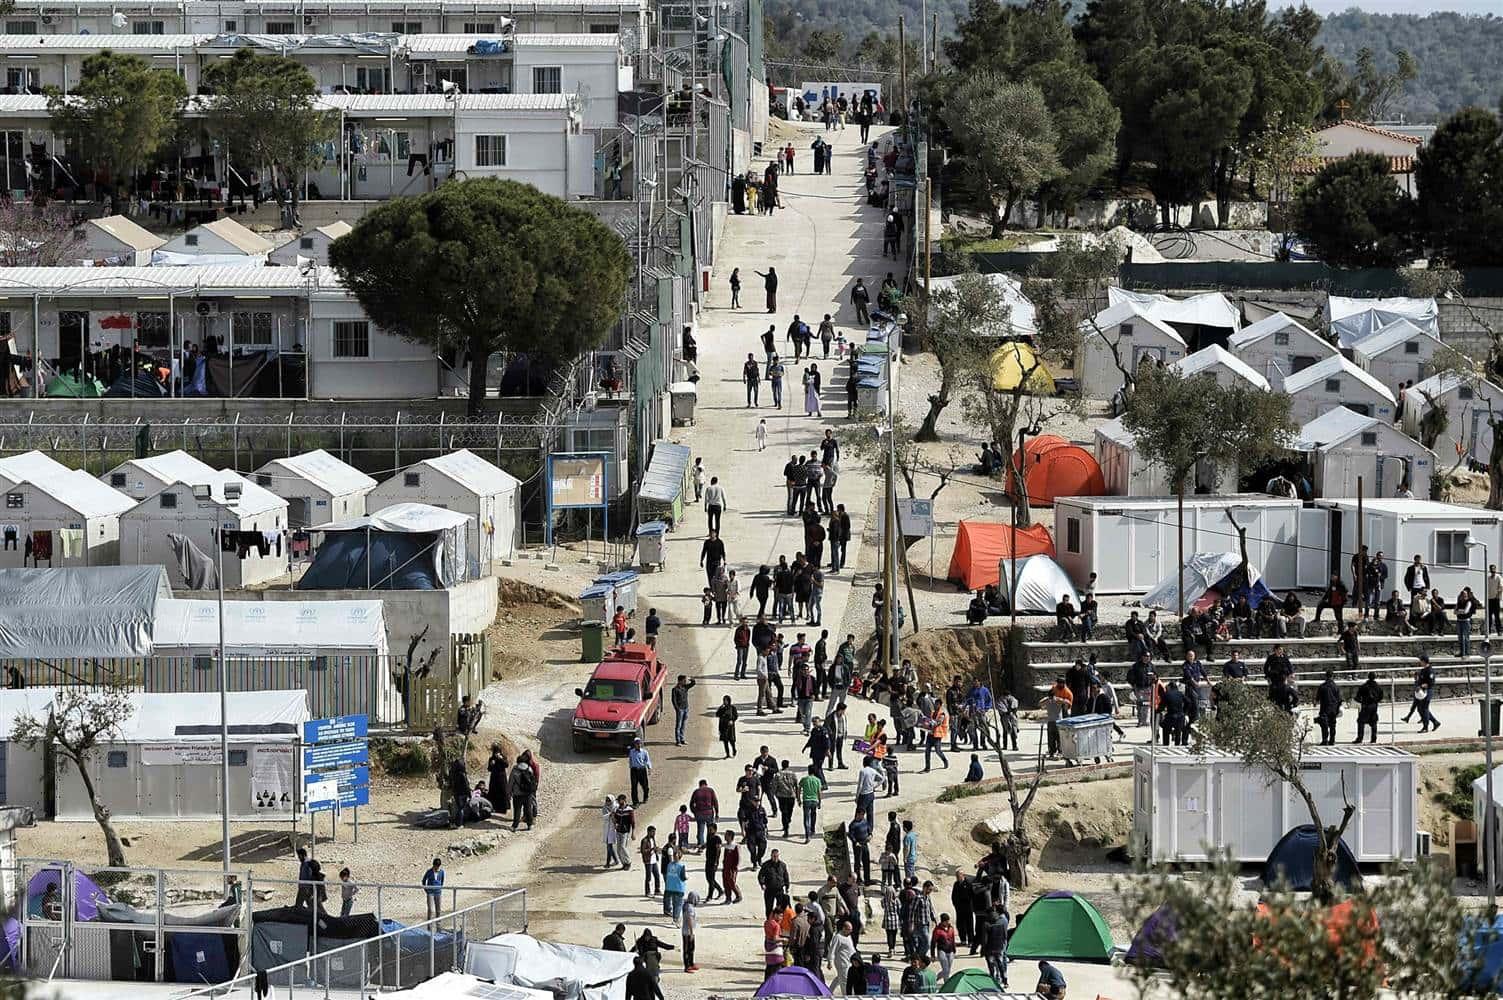 Un communiqué du HCR publié vendredi assure que la situation est particulièrement préoccupante dans les camps de réfugiés surpeuplés de Moria (Lesbos) et de Vathy (Samos) où toilettes et sanitaires sont des « zones interdites » pour les femmes et les enfants non accompagnés après la tombée de la nuit (http://www.fdesouche.com/).